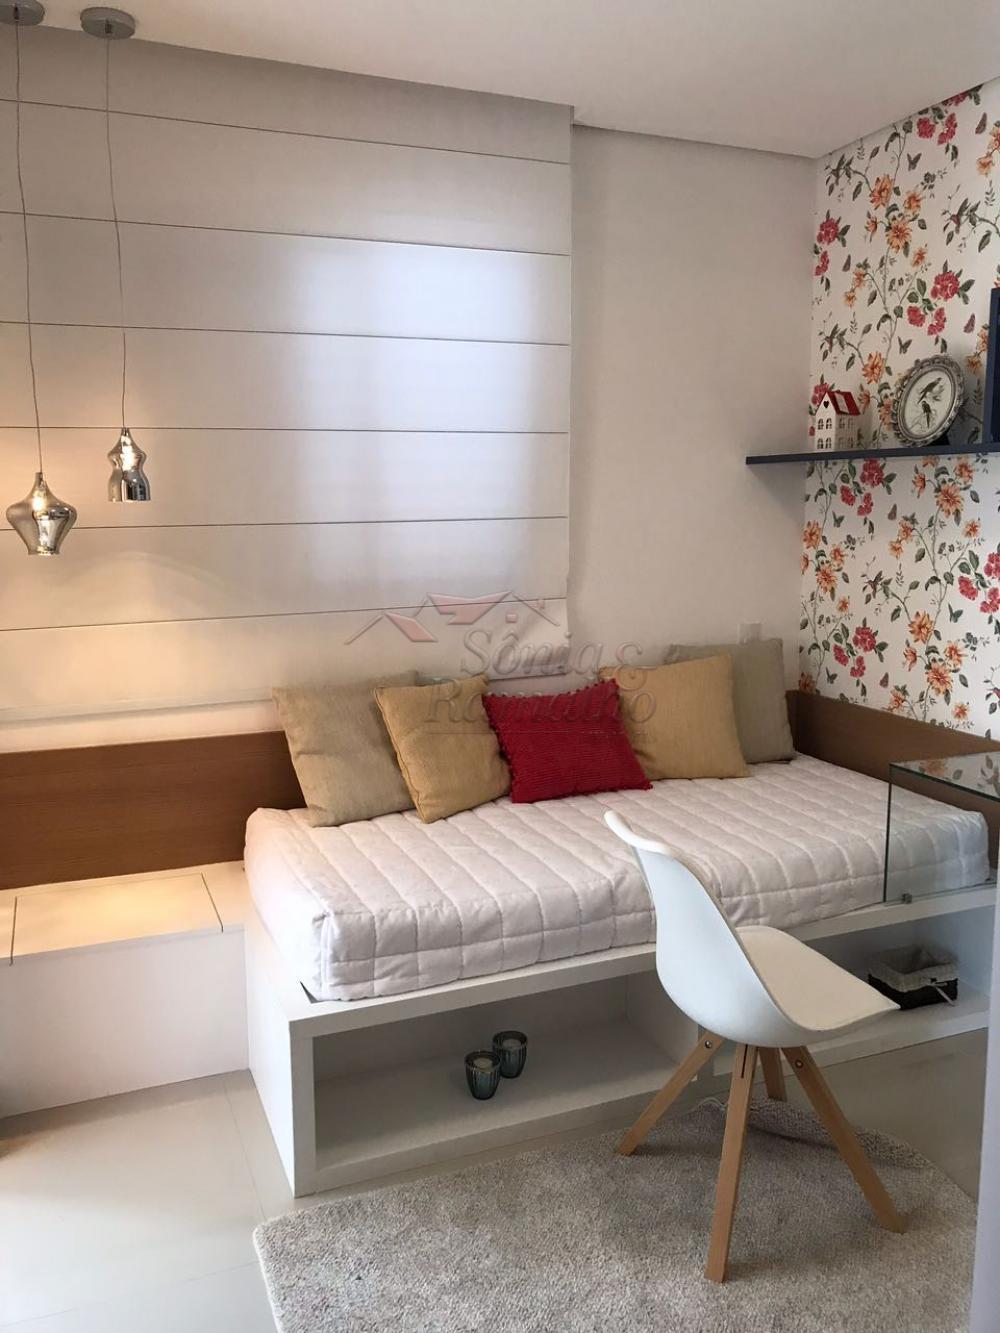 Comprar Apartamentos / Padrão em Ribeirão Preto apenas R$ 650.000,00 - Foto 17